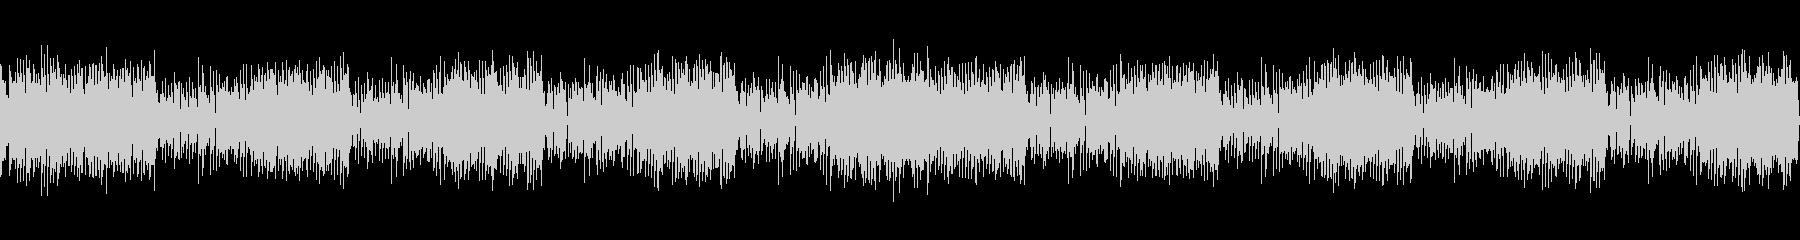 ロックテイストホーンセクションファンクの未再生の波形